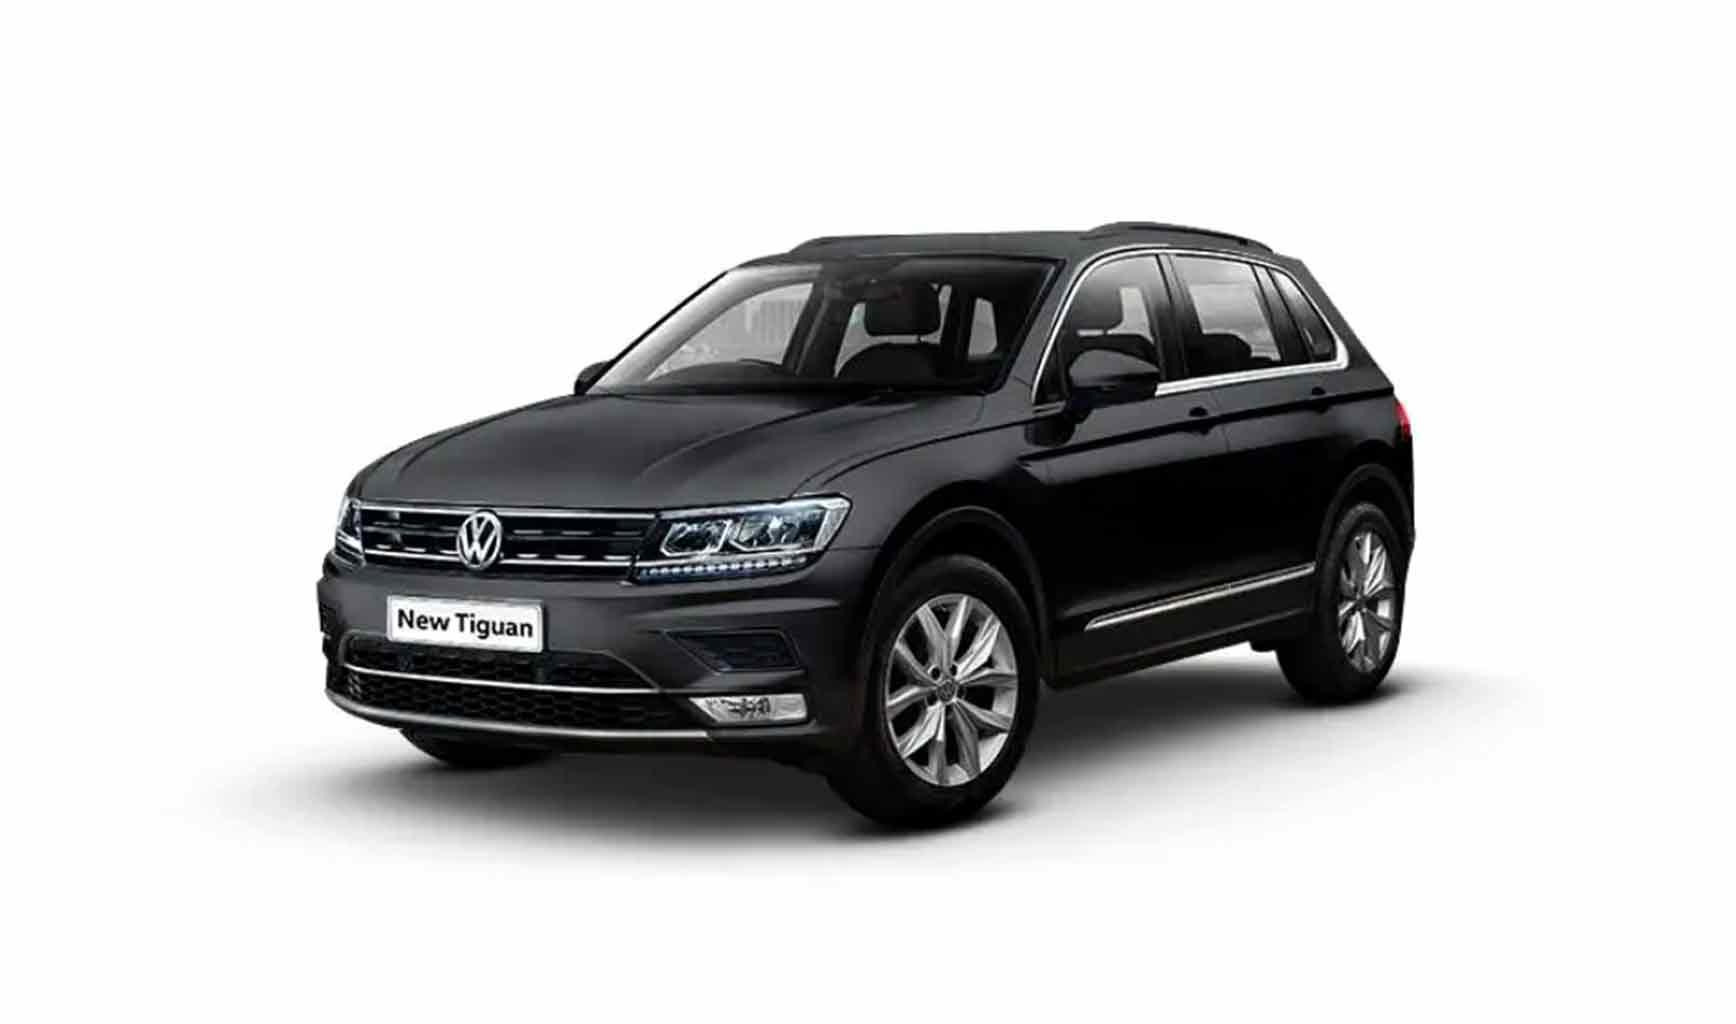 volkswagen-new-tiguan-lease-india-2021